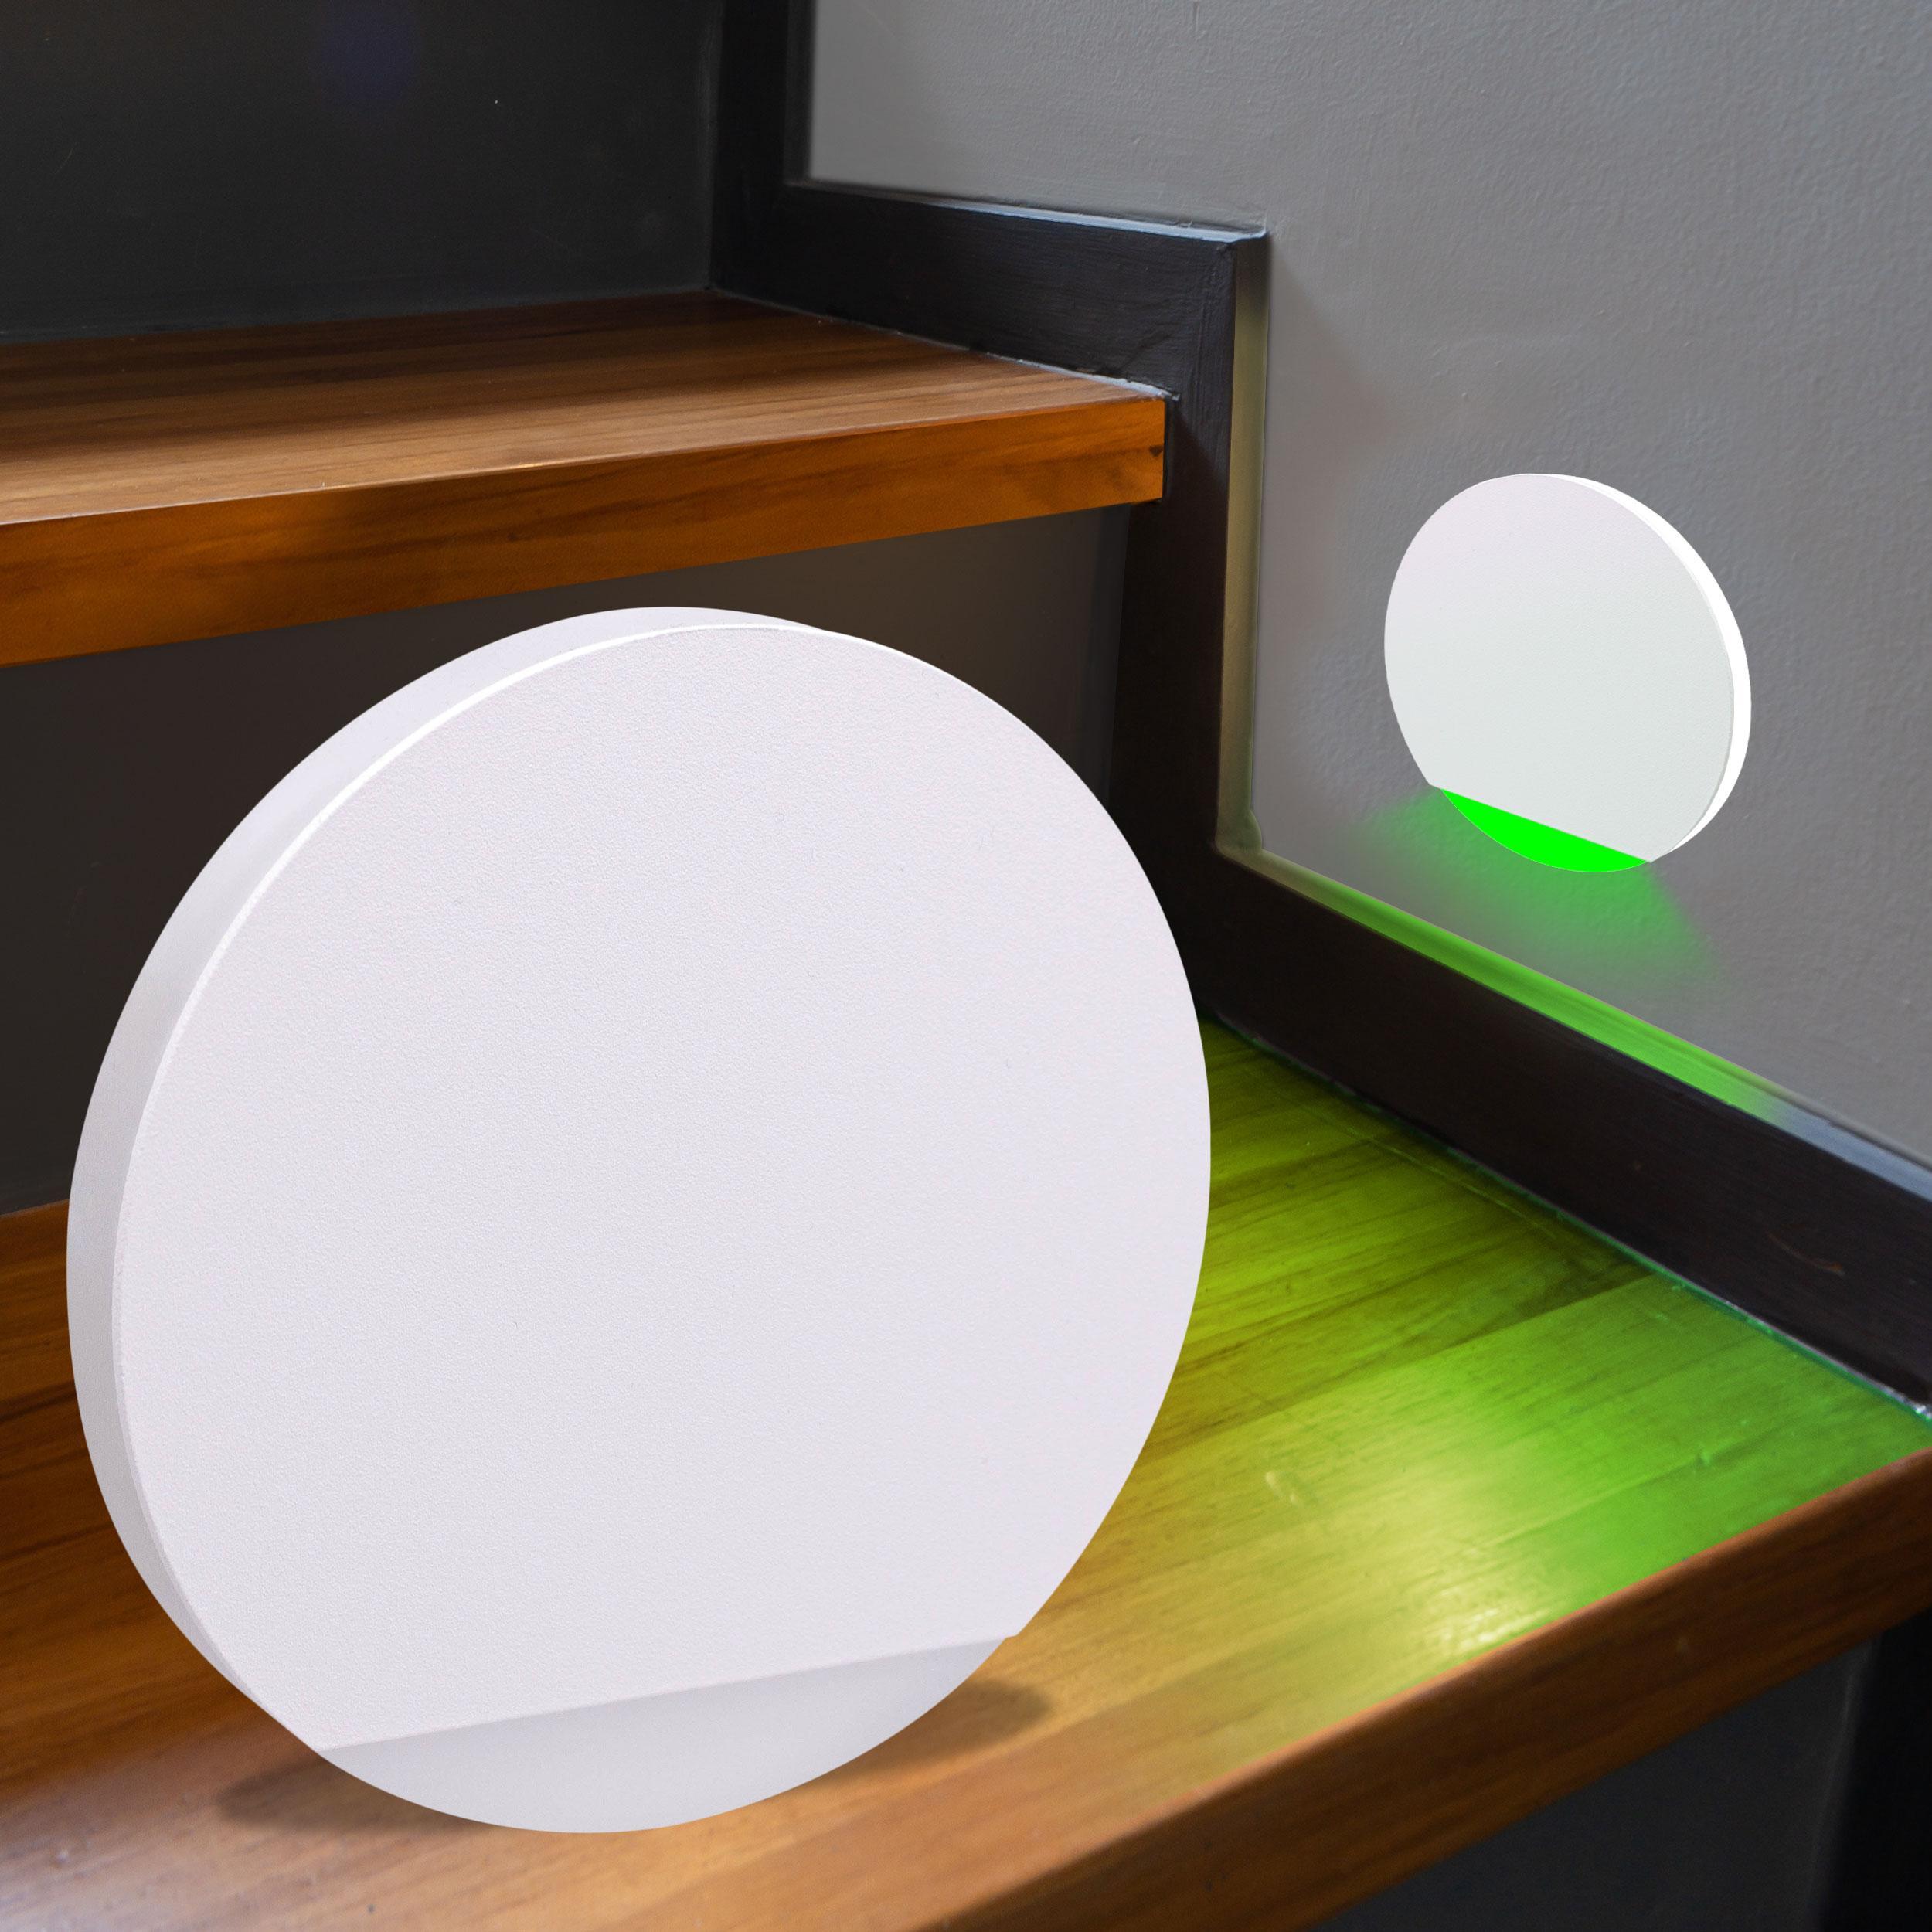 LED Treppenbeleuchtung rund RGB+Warmweiß 230V 3W weiß Lichtaustritt seitlich&frontal